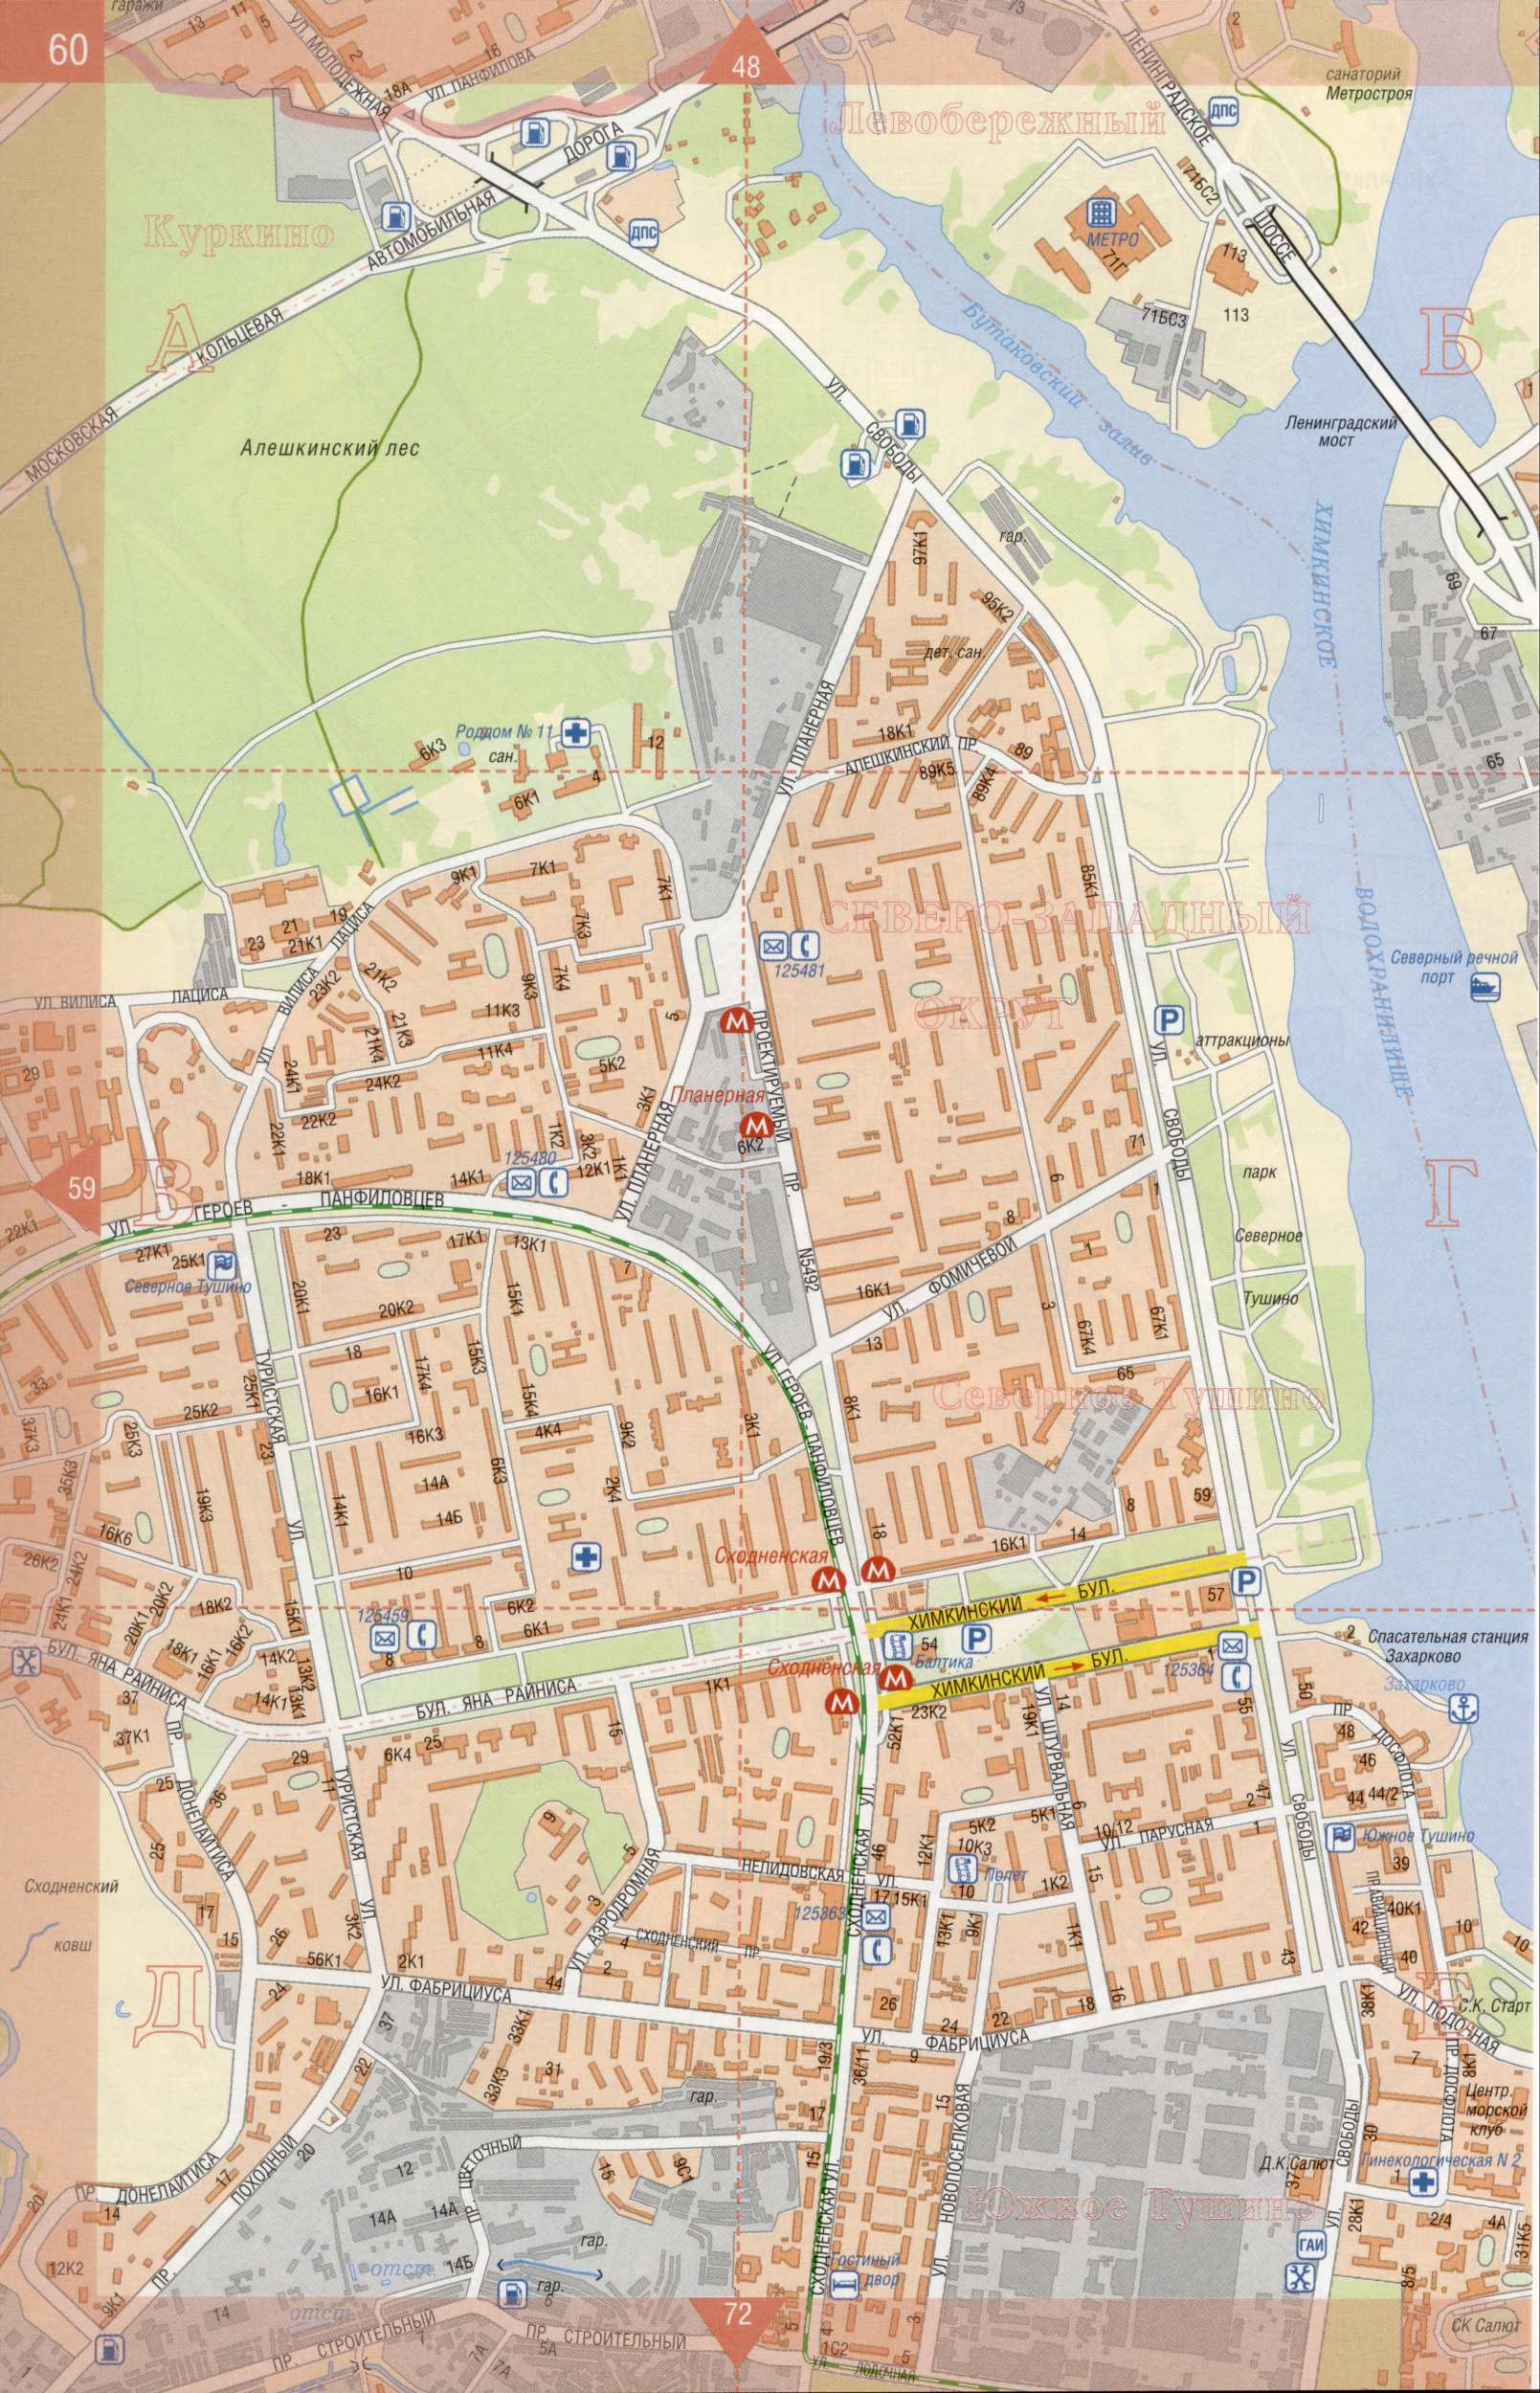 Карта Москвы с названиями улиц. Подробная карта улиц ...: http://rus-map.ru/map257859_1_2.htm